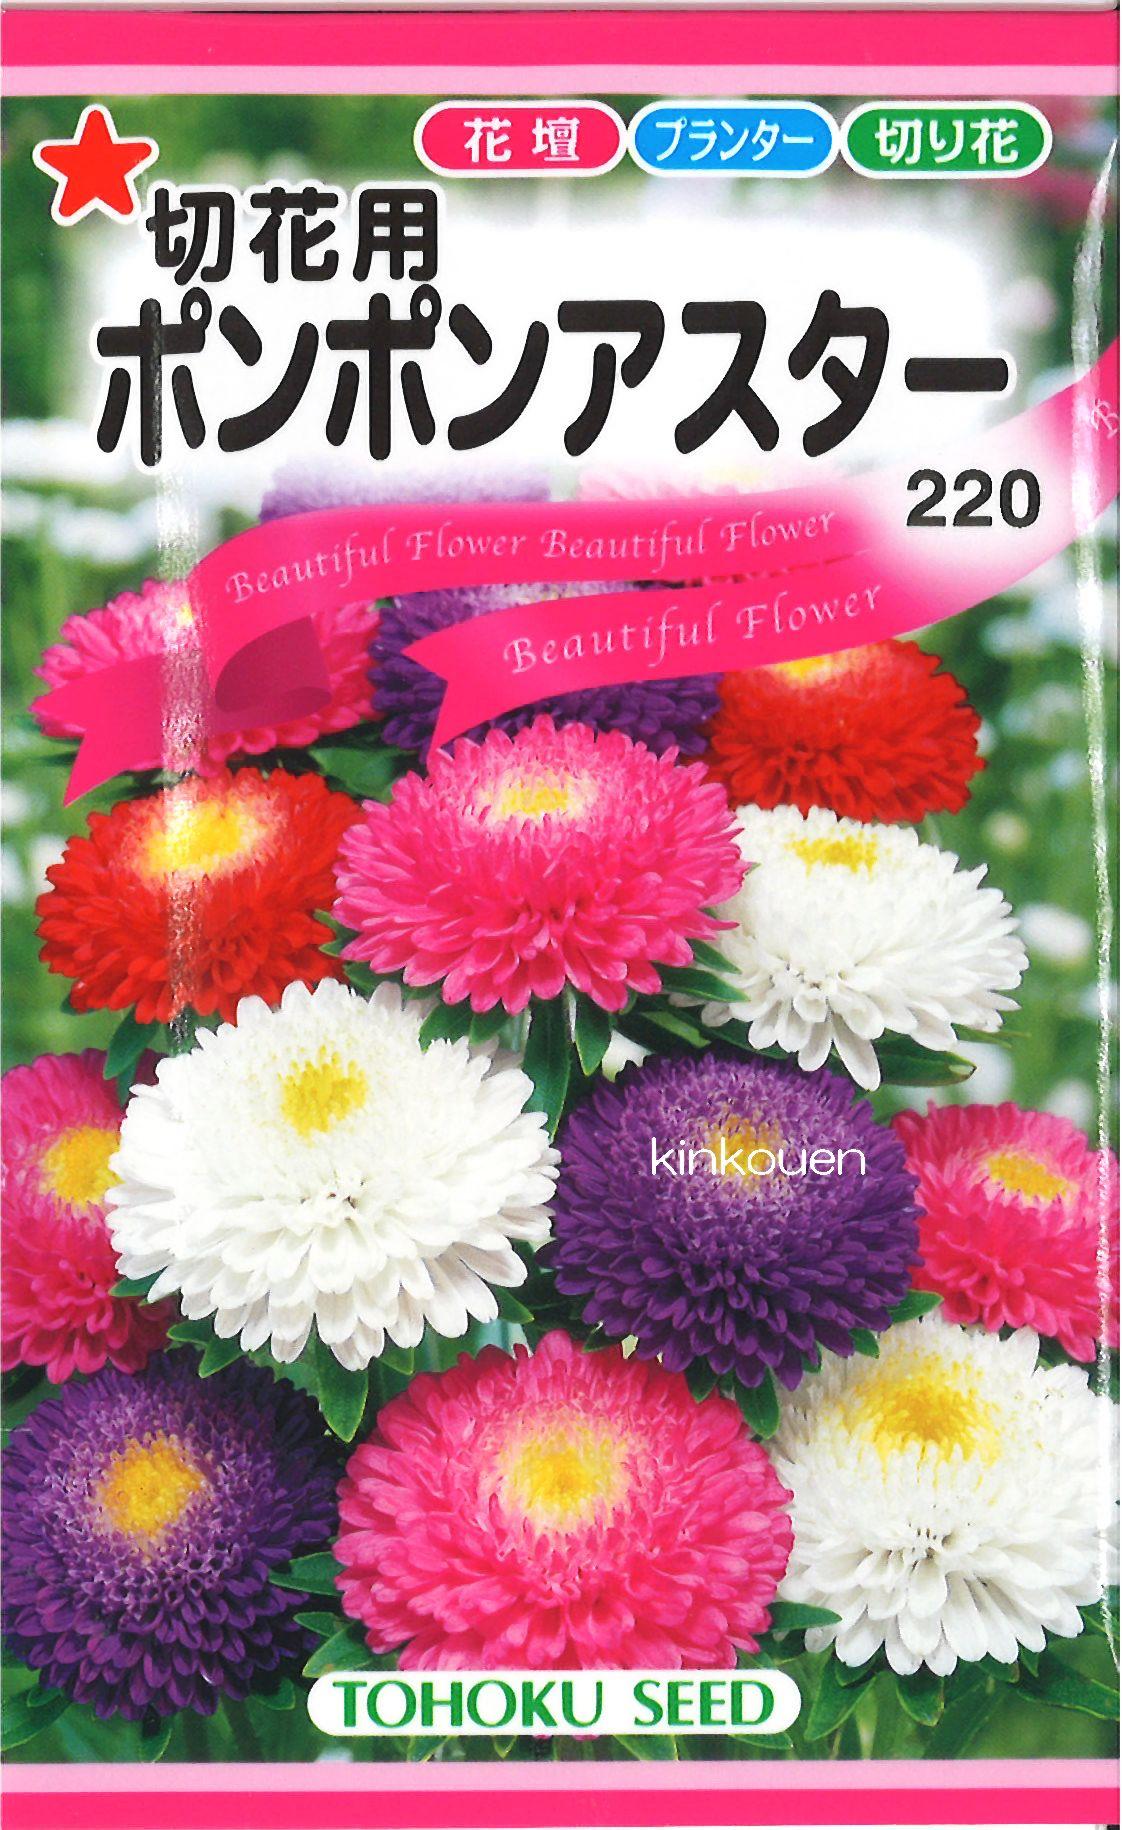 【代引不可】【5袋まで送料80円】 □切花用ポンポンアスター